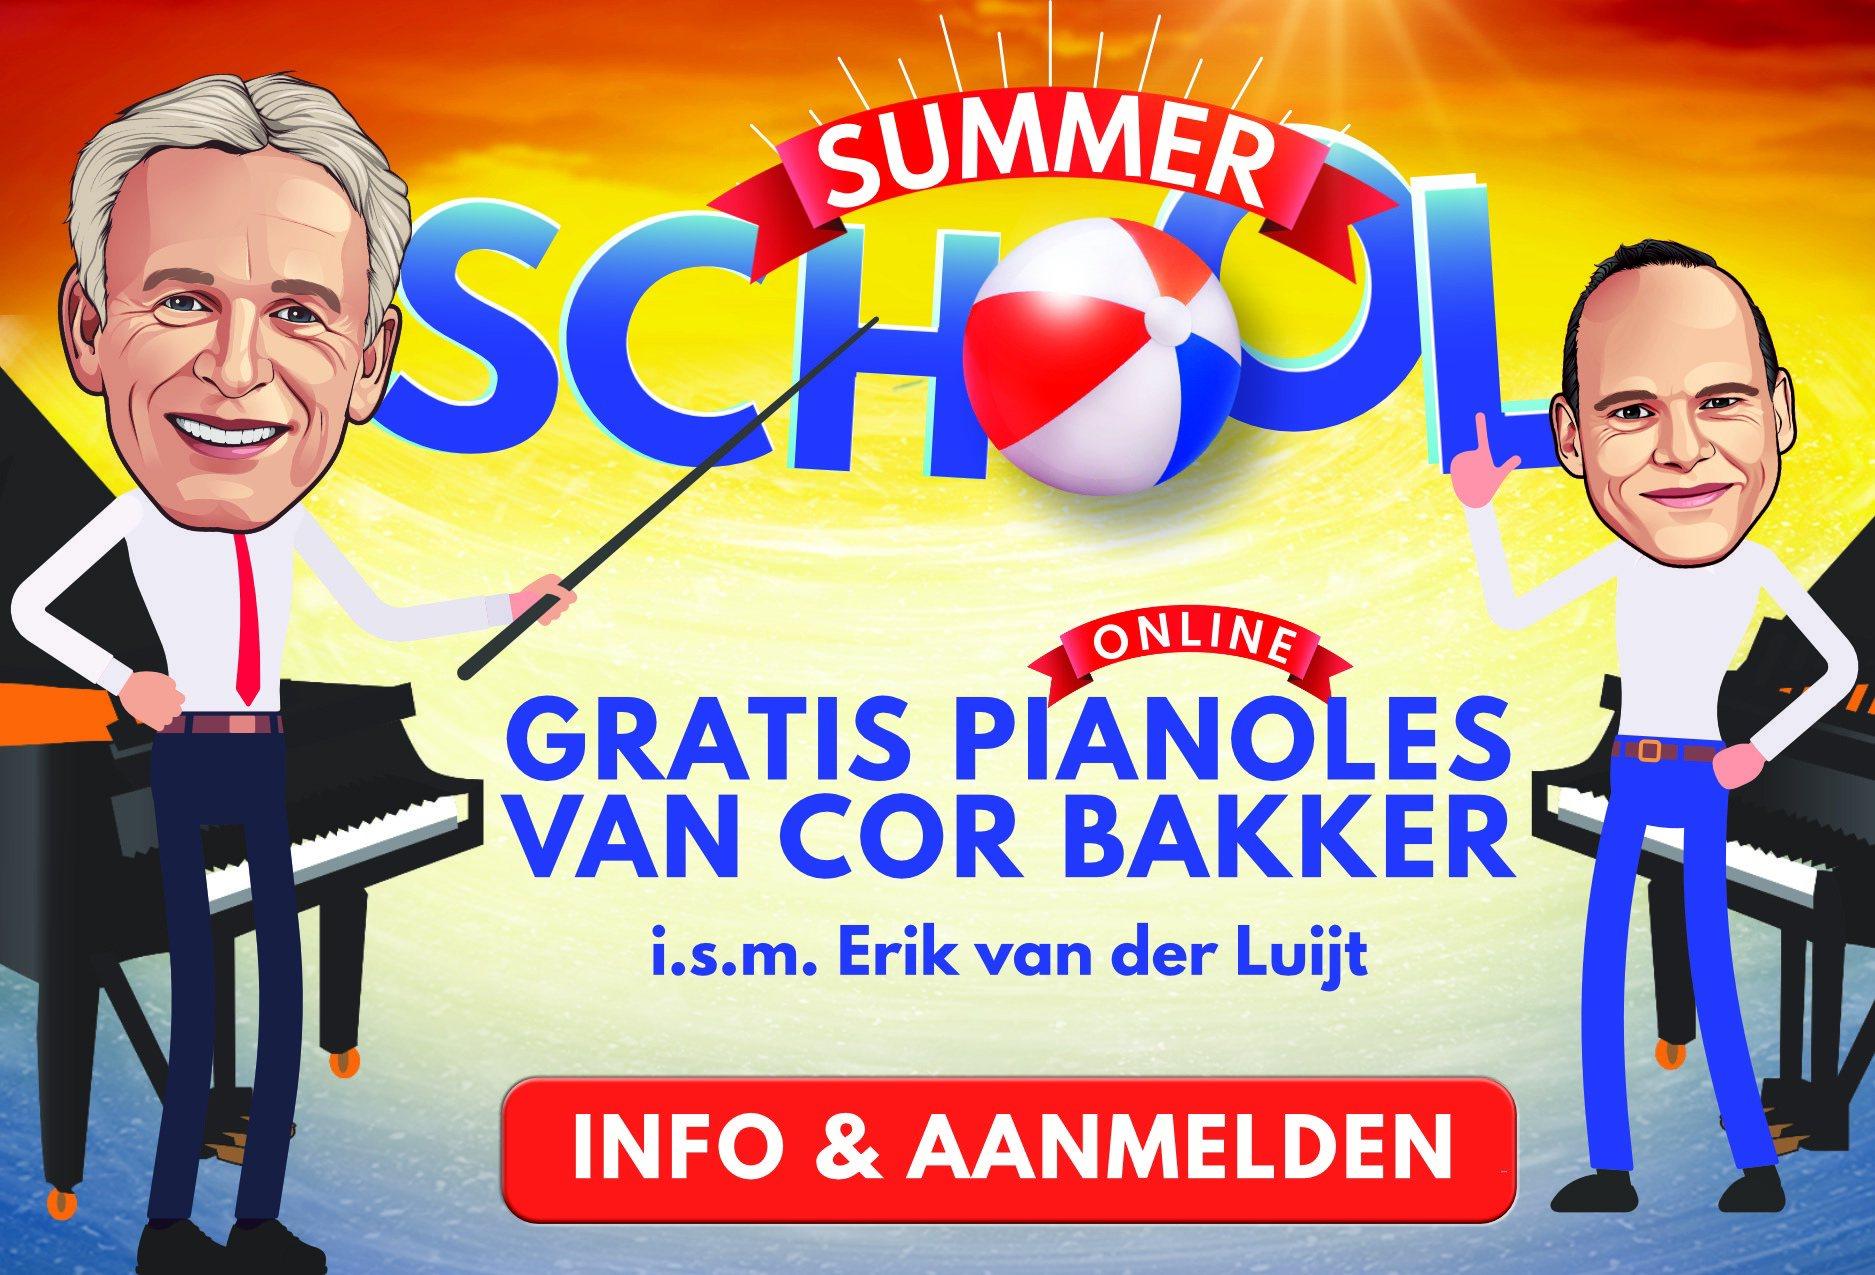 gratis online pianolessen